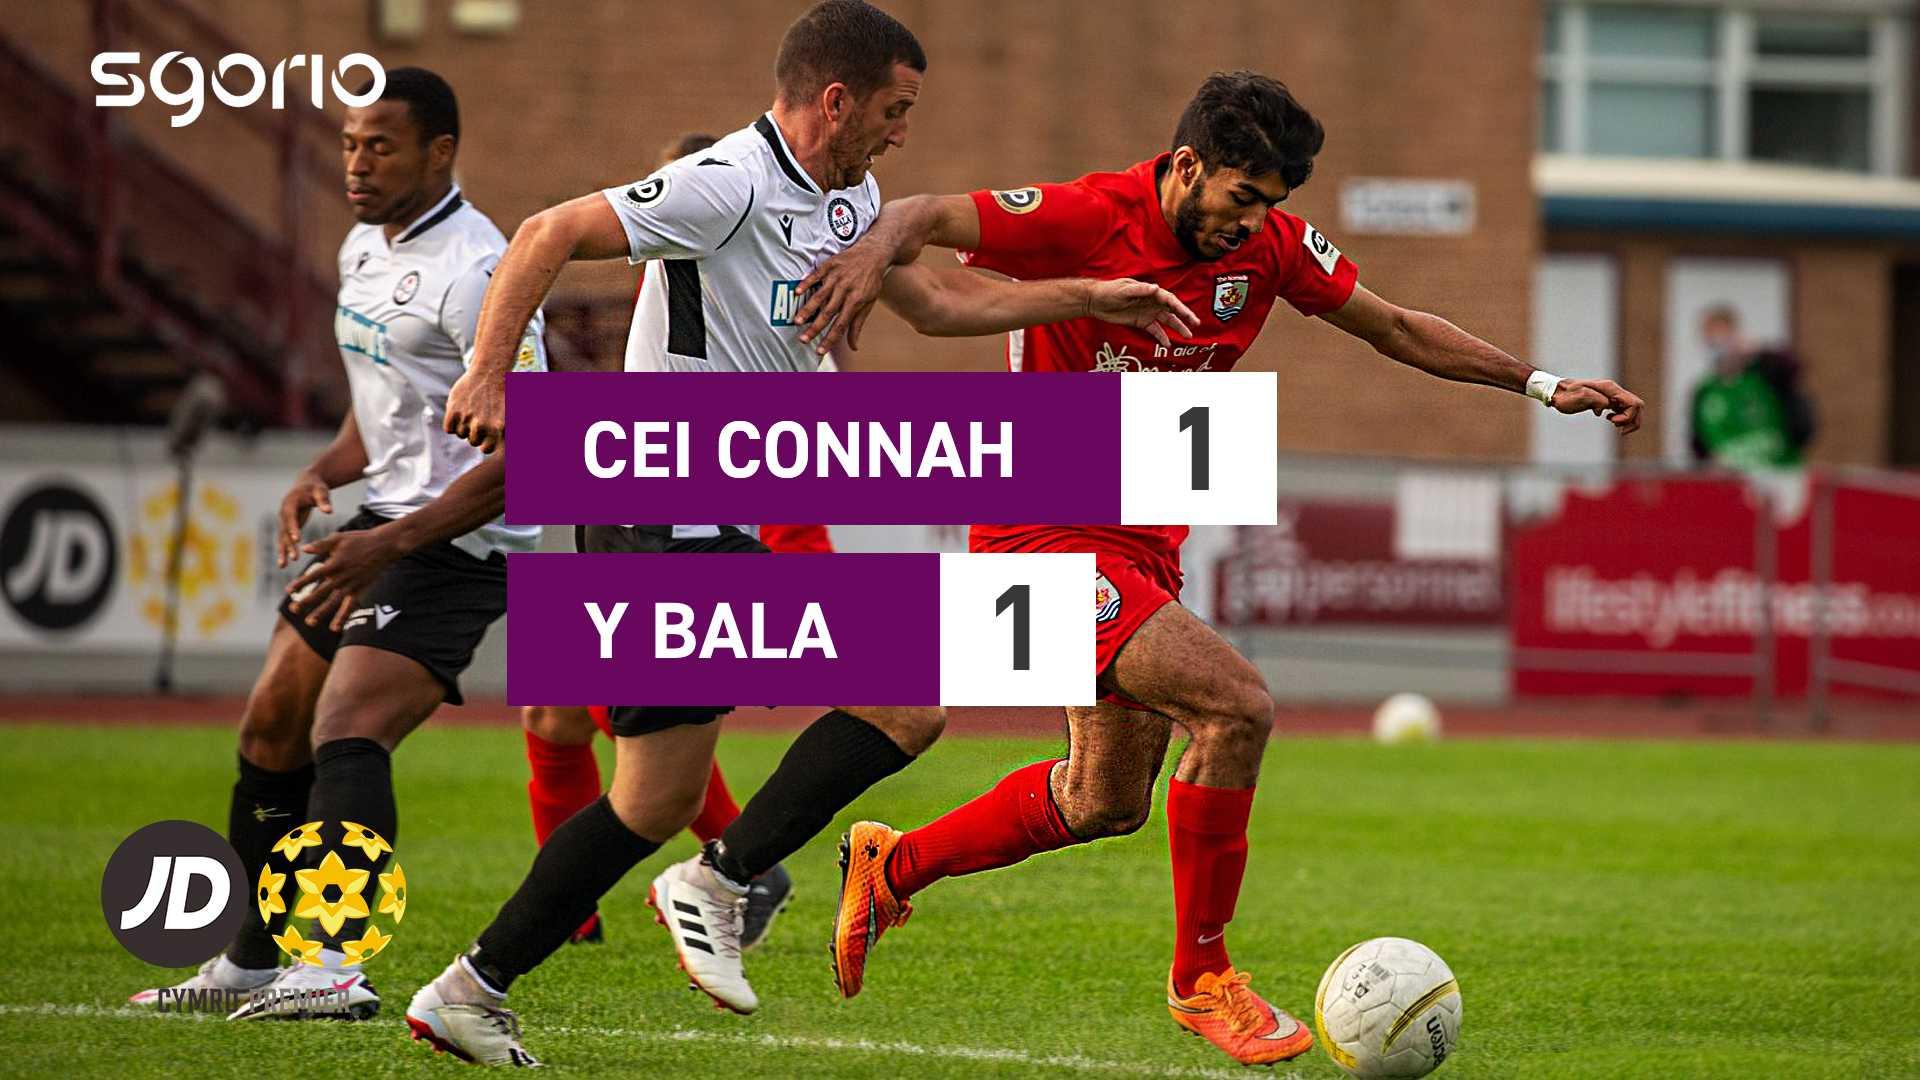 Cei Connah 1-1 Y Bala